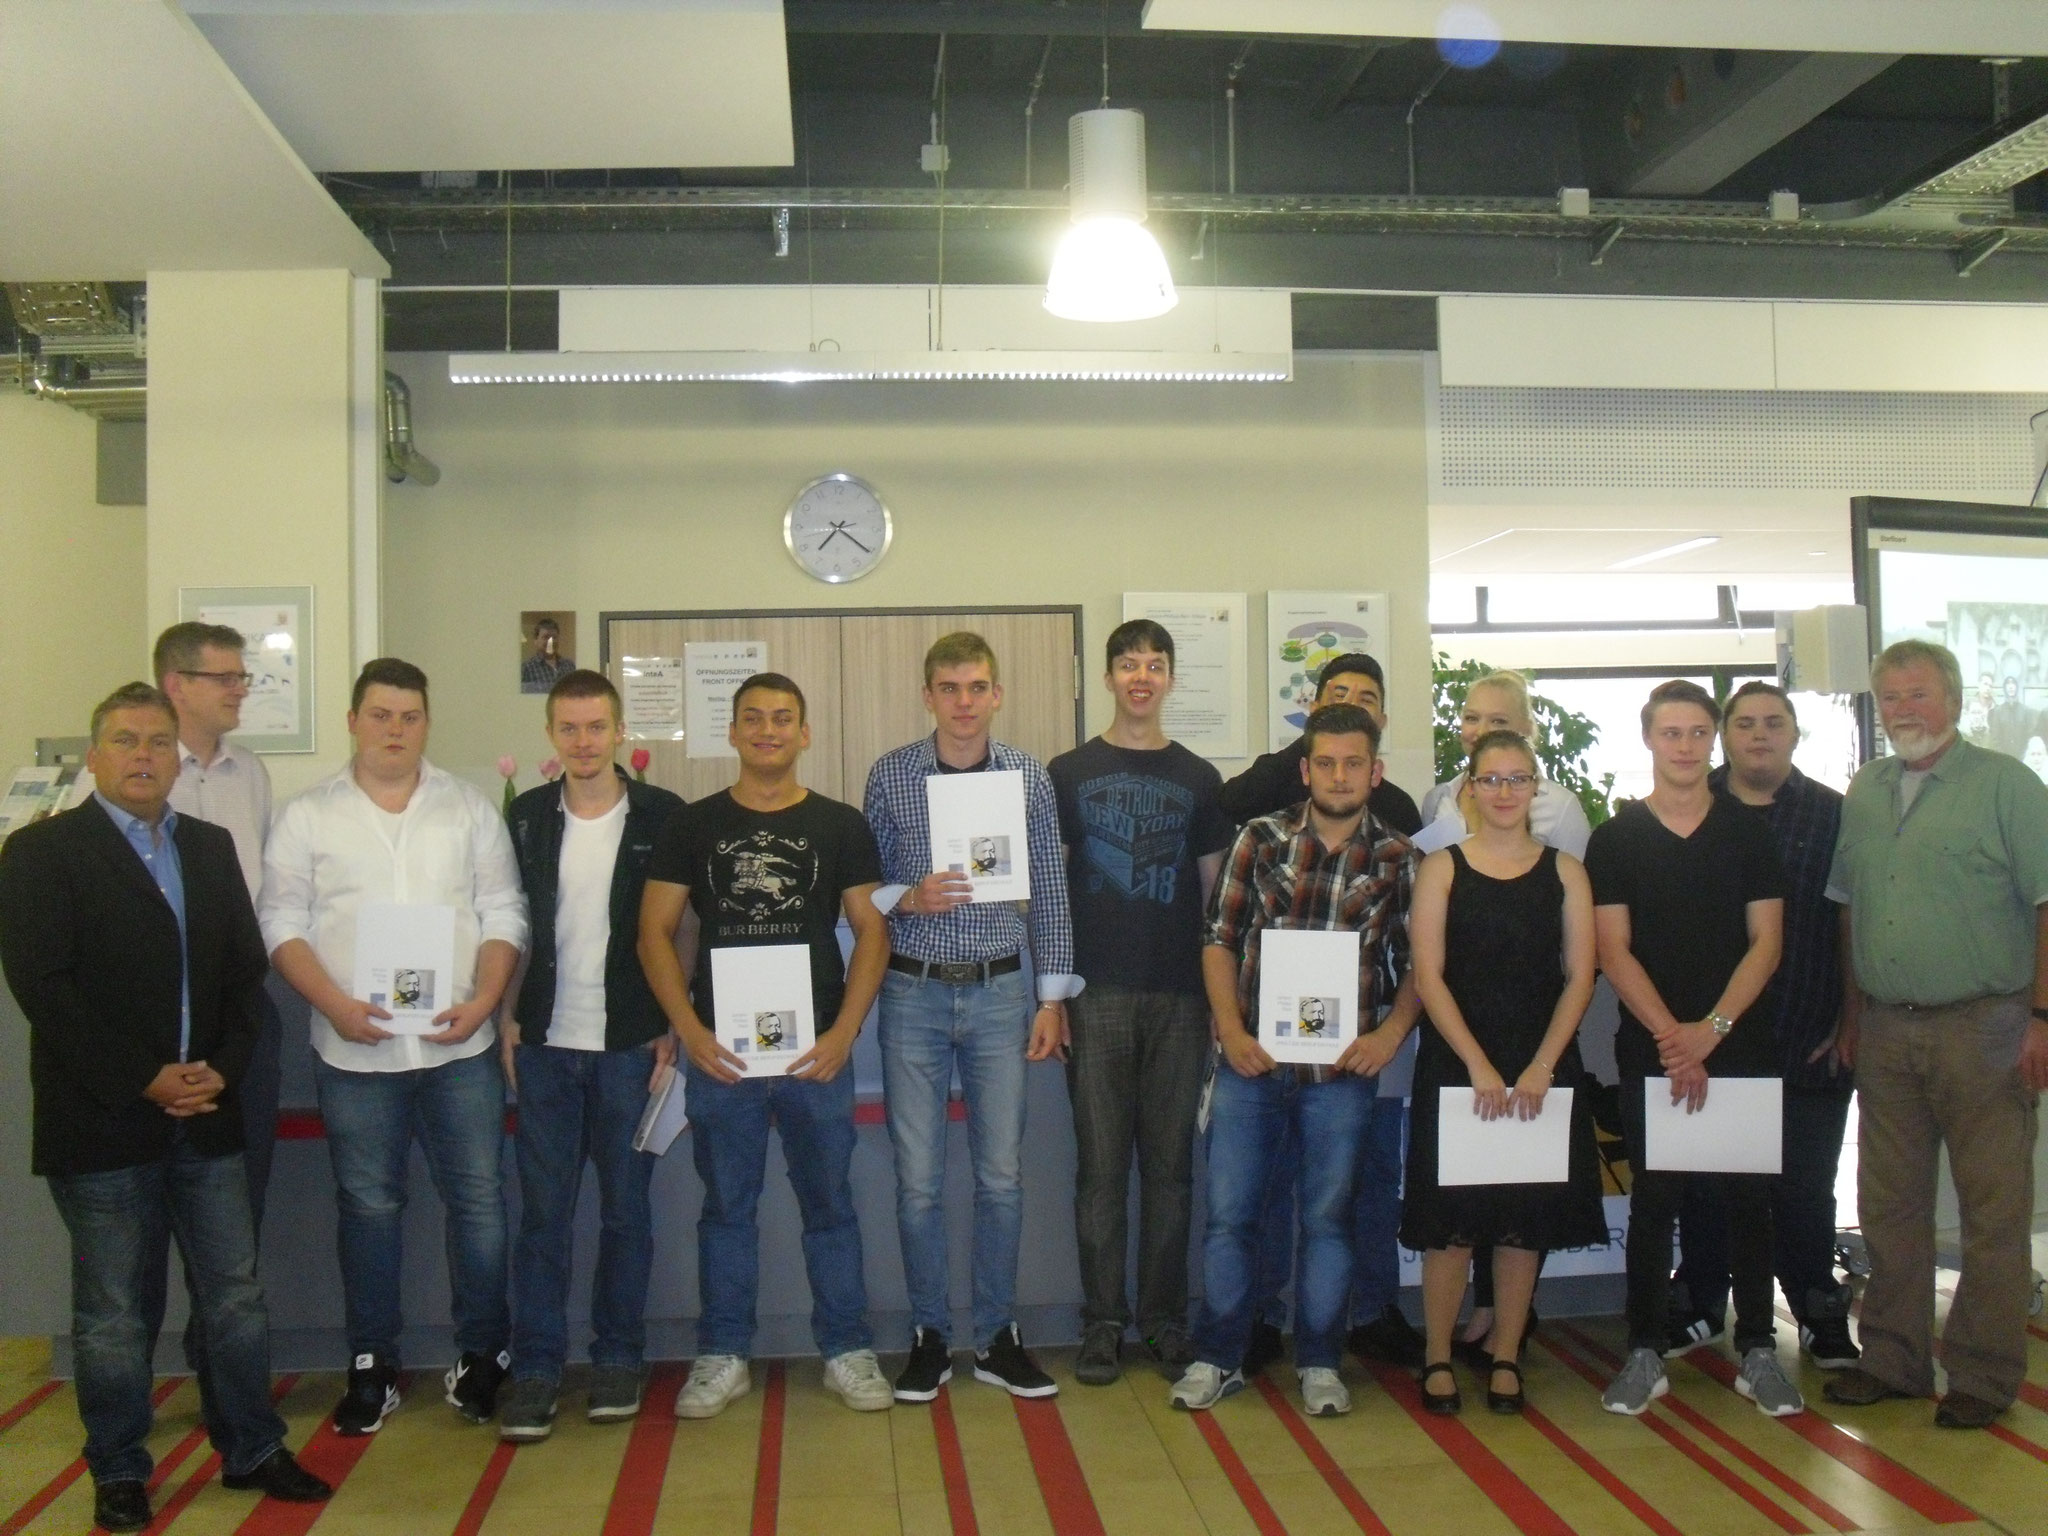 Klasse BF2A, Schwerpunkte Fahrzeugtechnik und Holztechnik